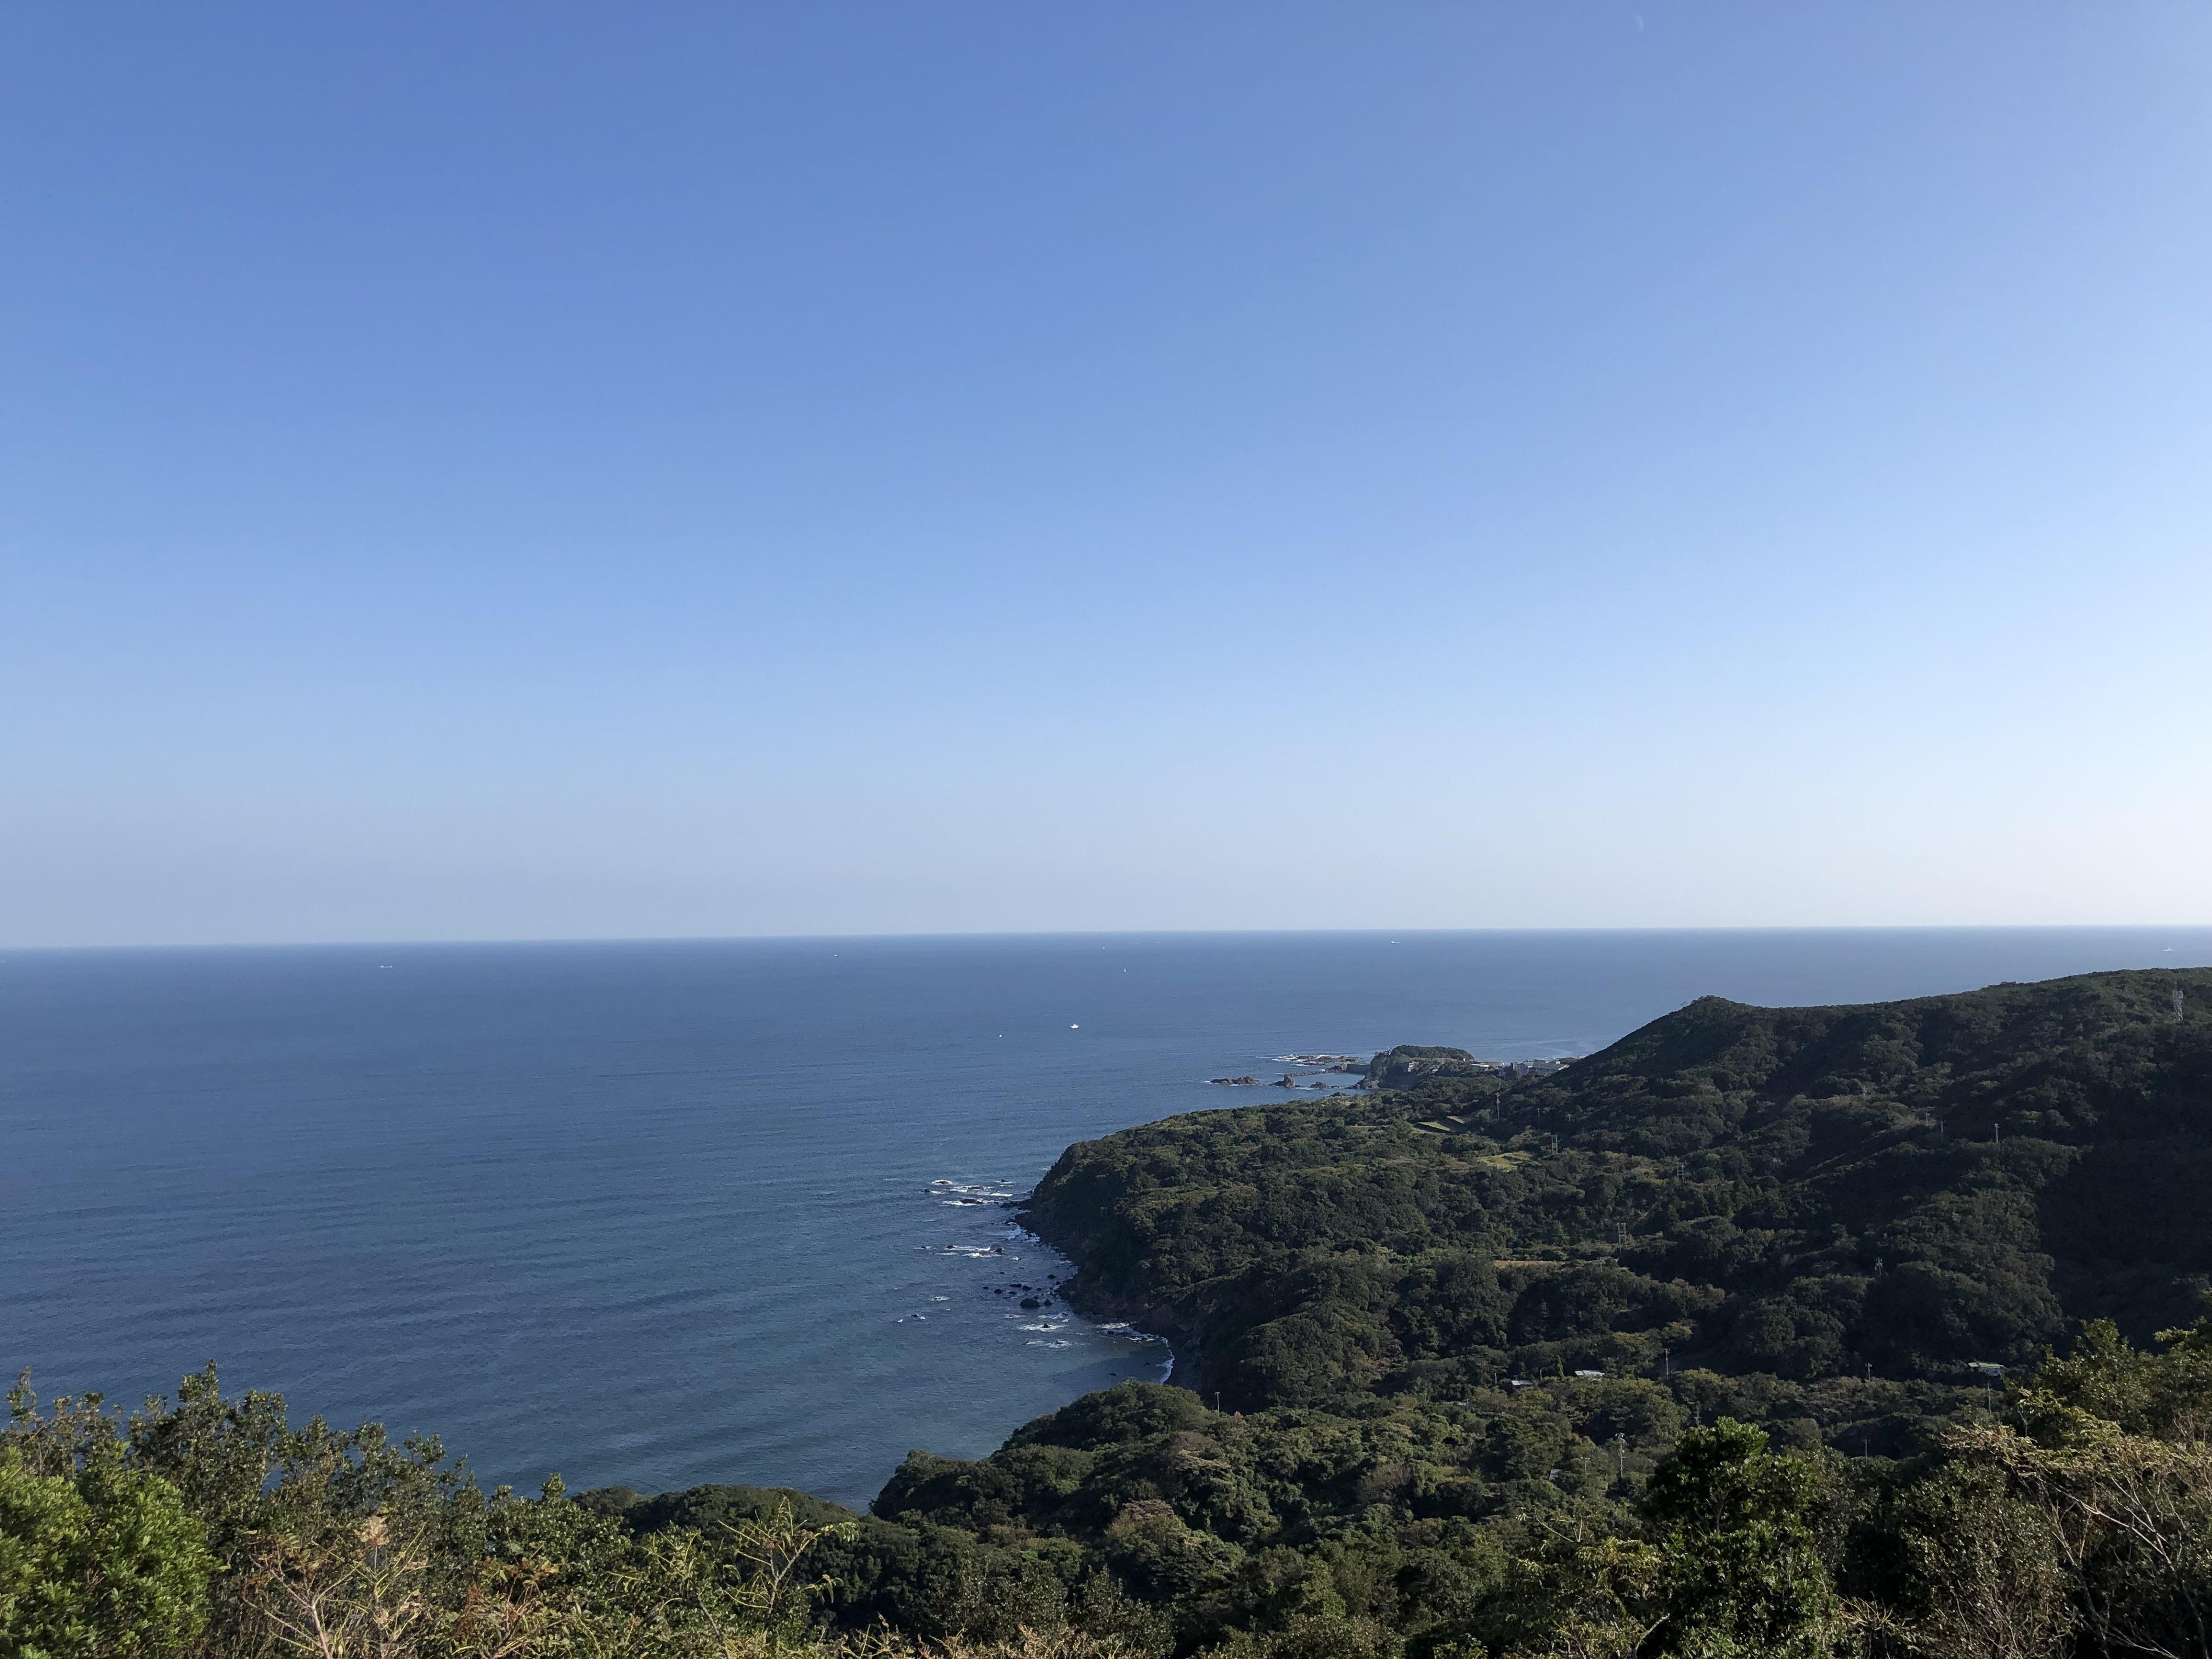 ぴーきち&ダイナ ハーレーで行く 伊勢志摩ツーリング 鳥羽展望台からの景色